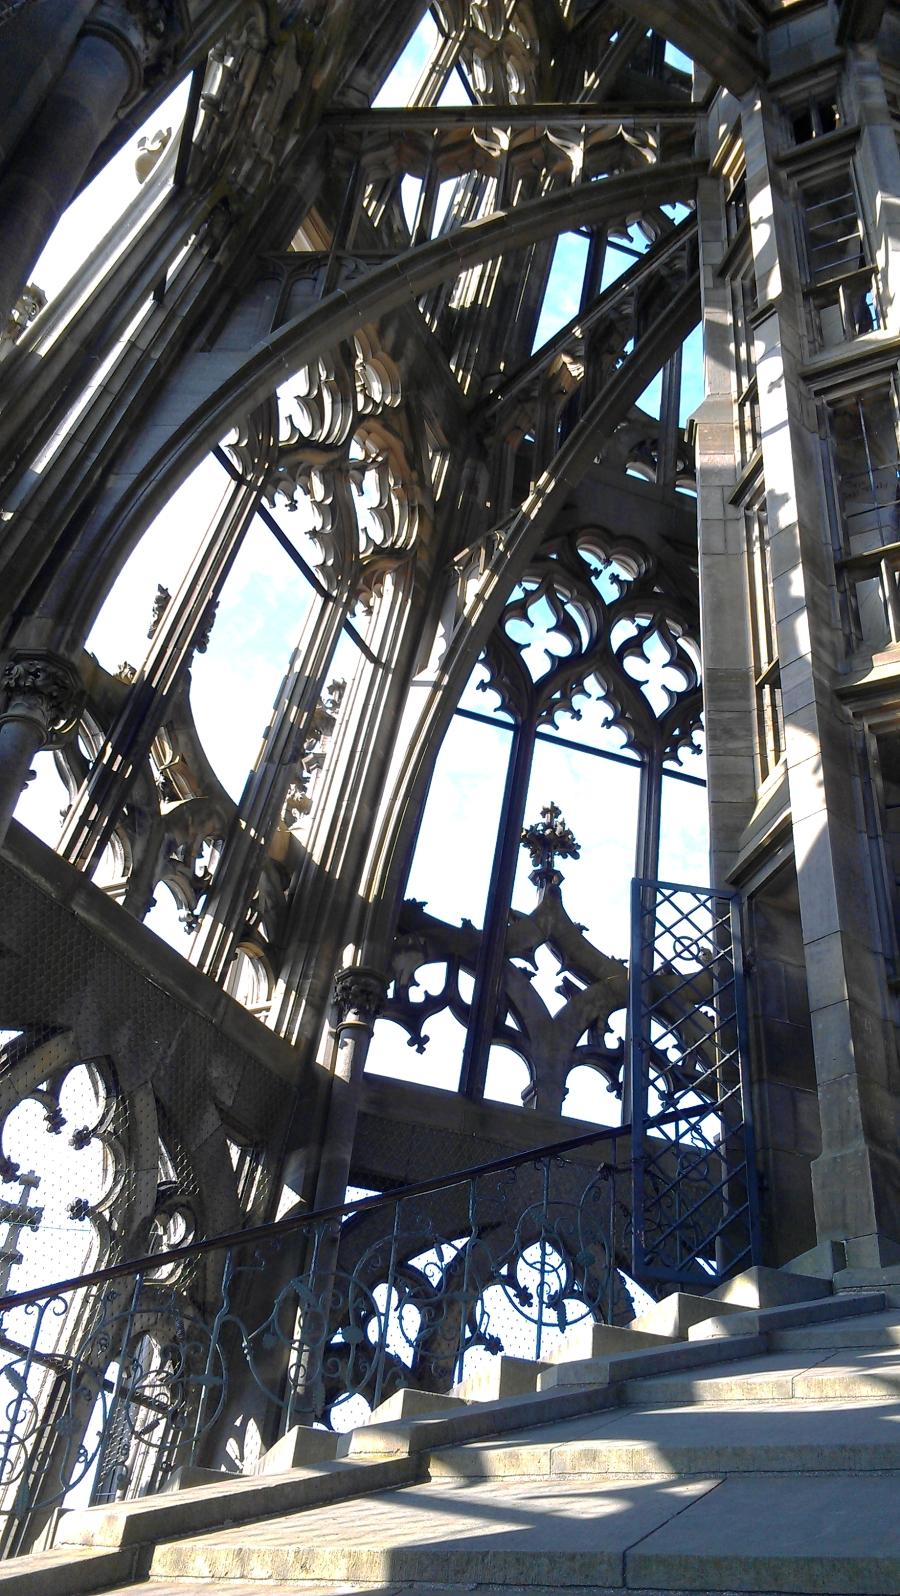 Ulm Minster tower stairs, Ulm, Germany.